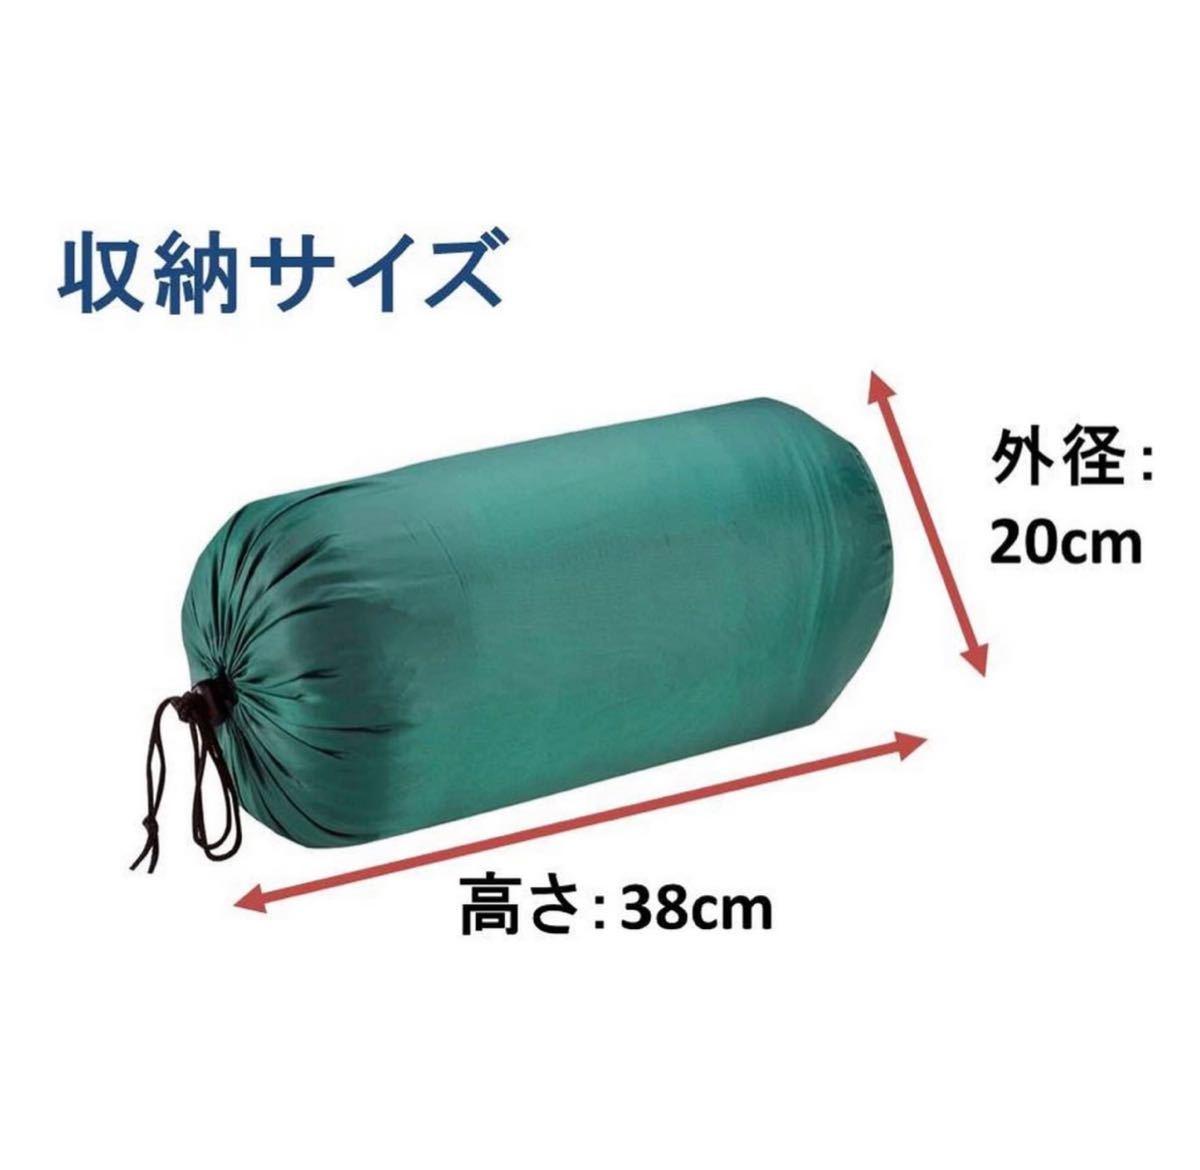 キャプテンスタッグ(CAPTAIN STAG) 寝袋 シュラフ 封筒型シュラフ プレーリー 中綿量600g